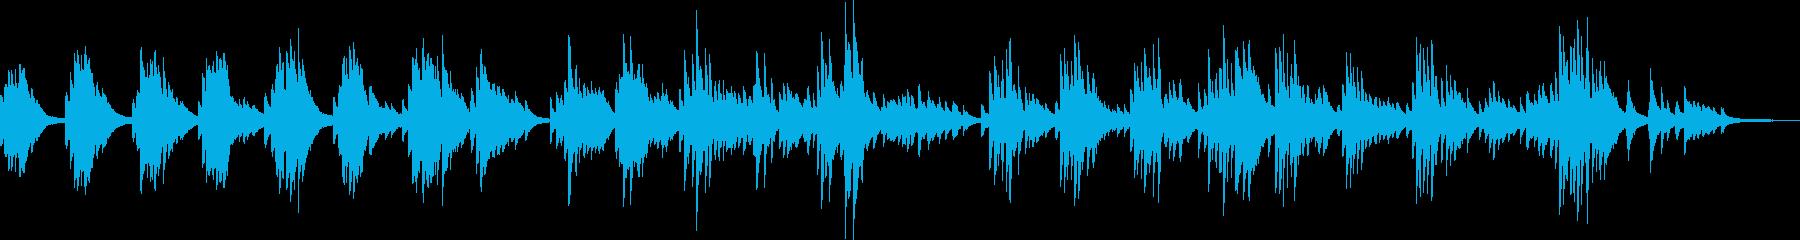 一人旅(ピアノ・爽やか・優しい・温かい)の再生済みの波形